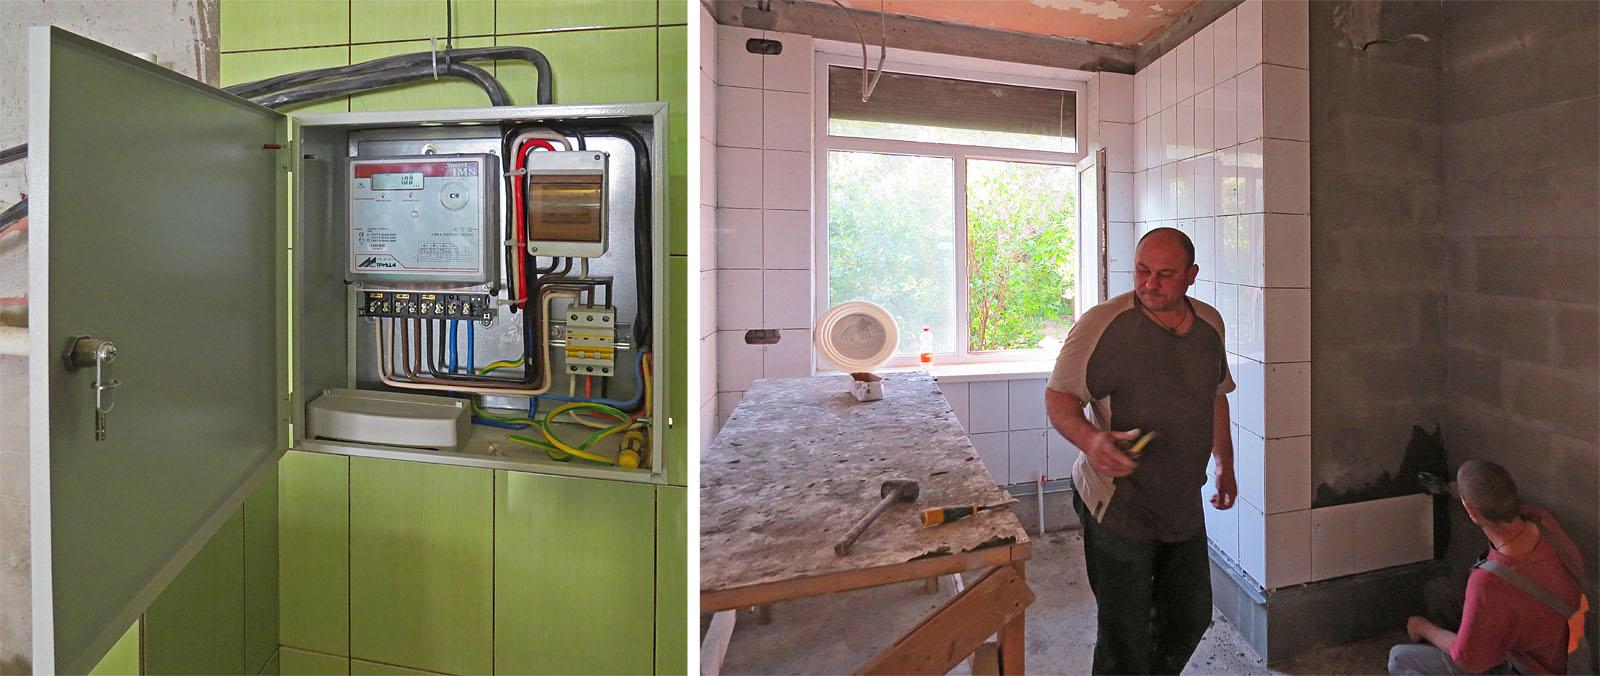 Радуемся приближению чистой кухни, но сразу появляется море новых задач.